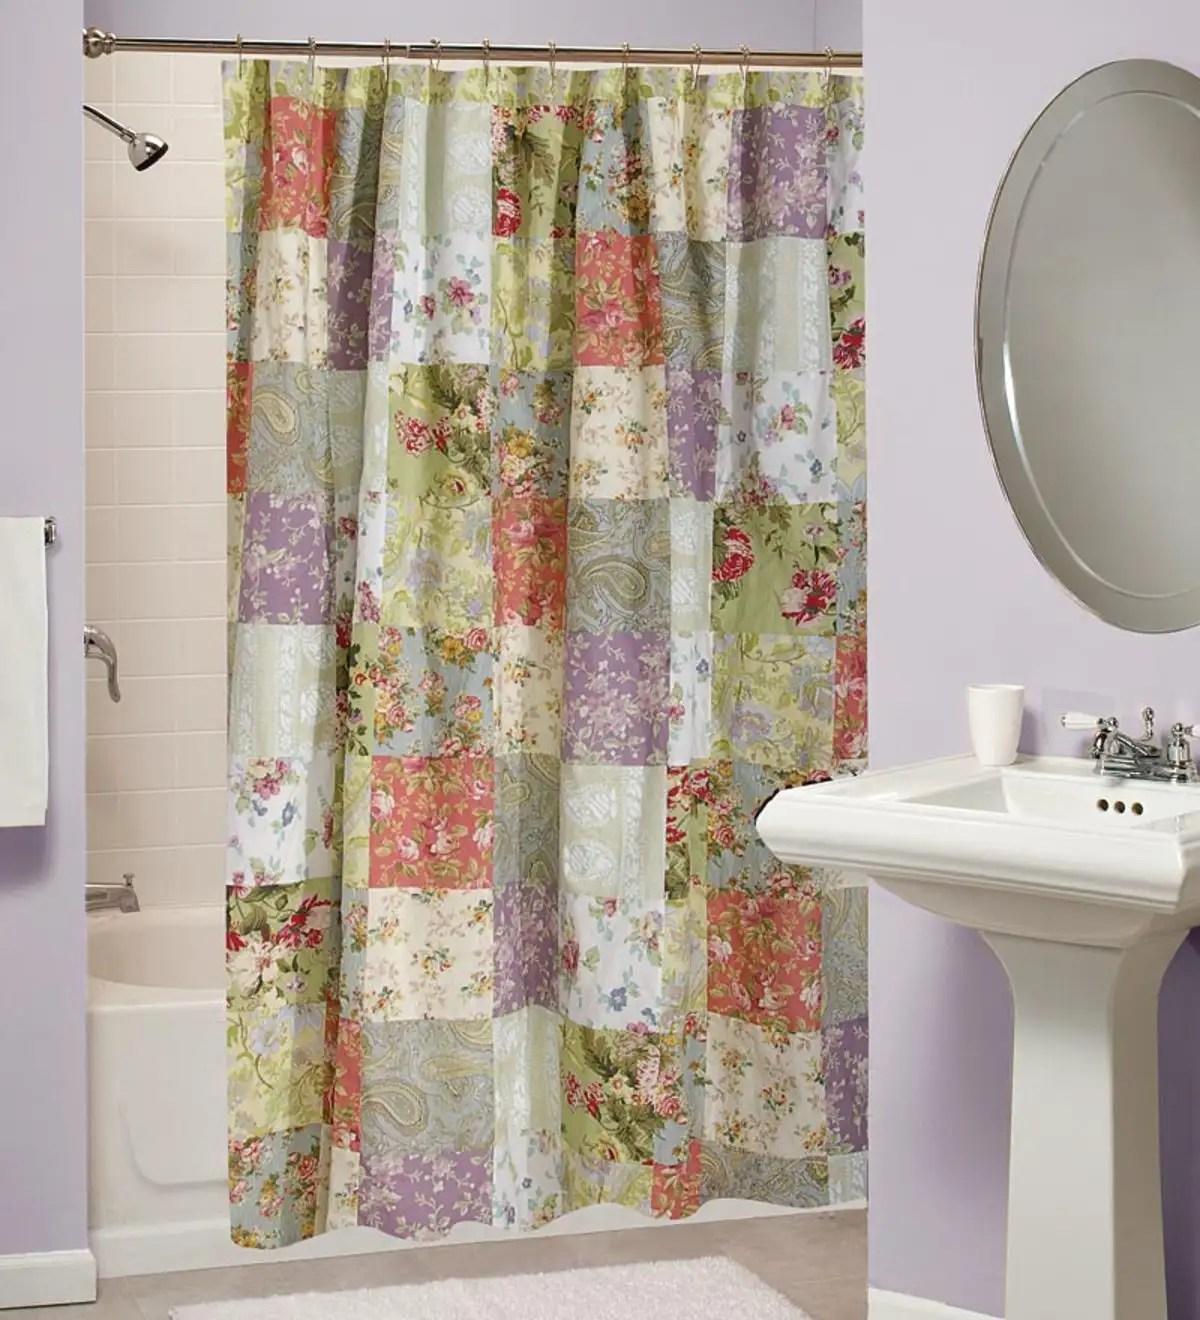 cotton wildflower patchwork shower curtain